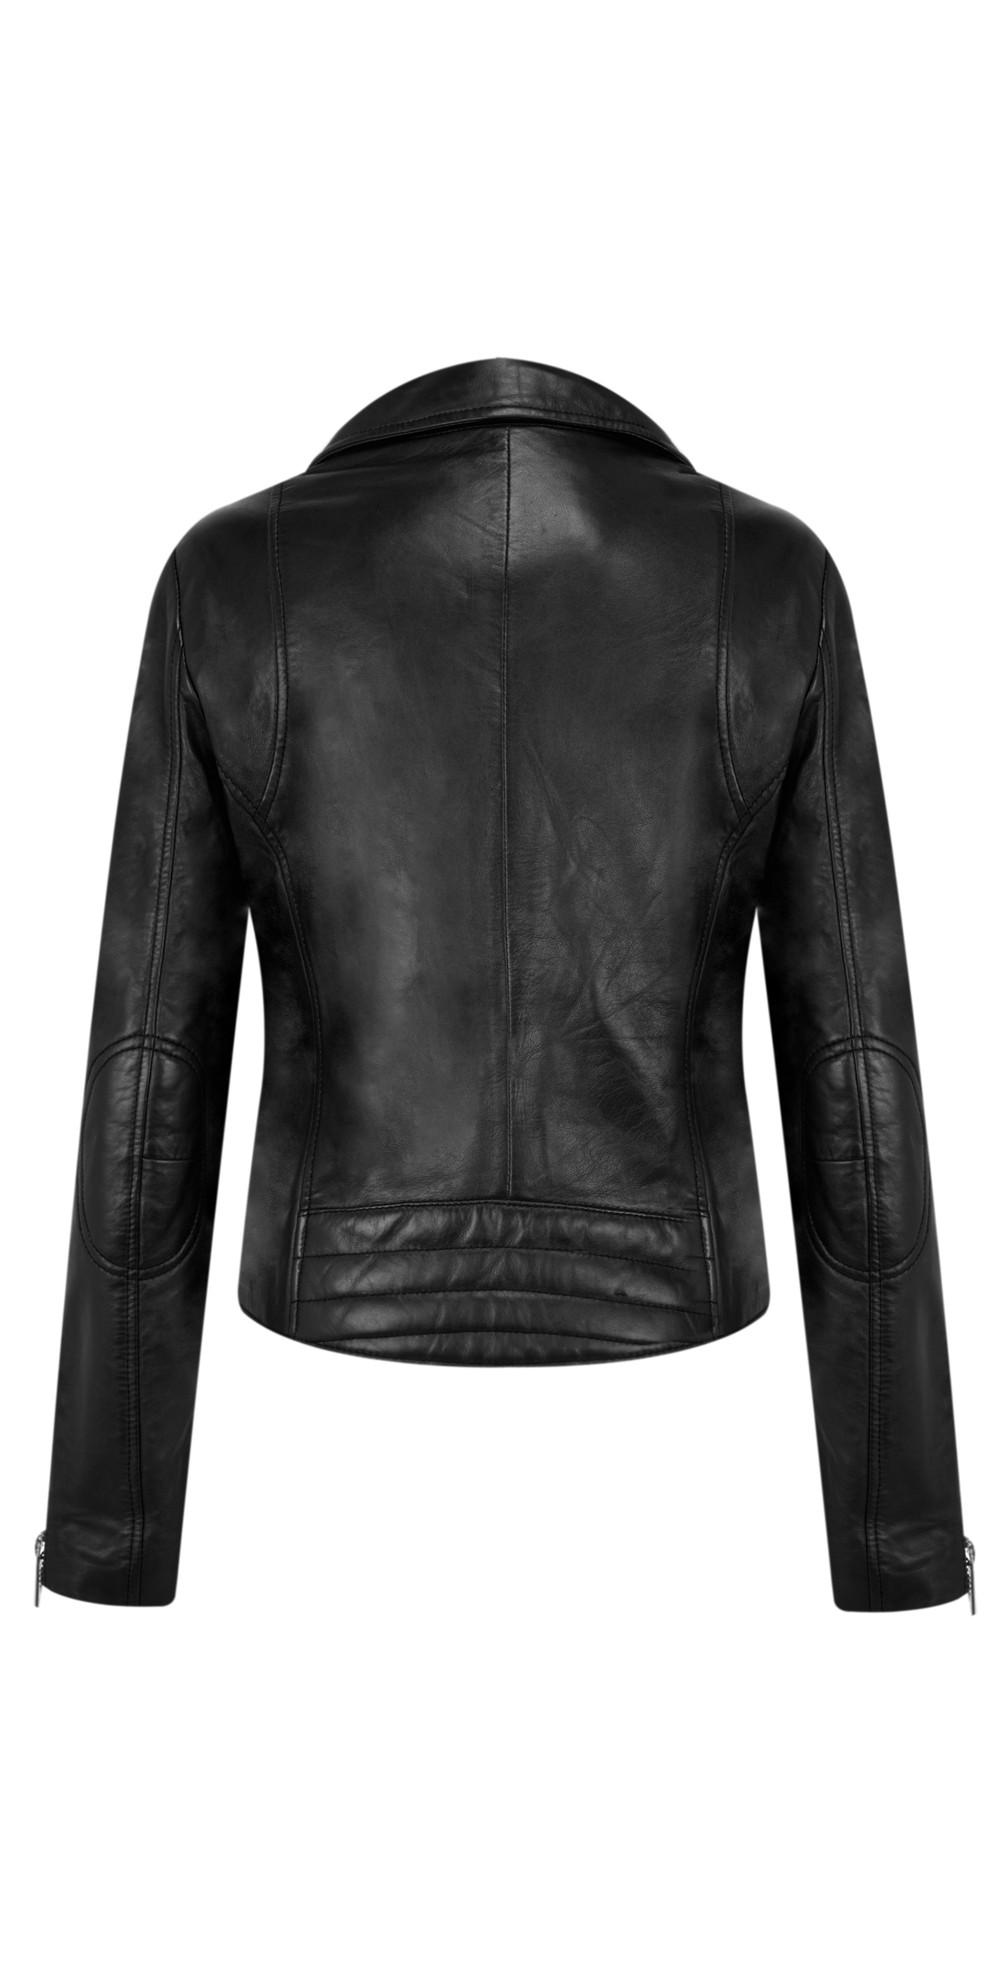 Ghost Bugatti Biker Style Leather Jacket main image